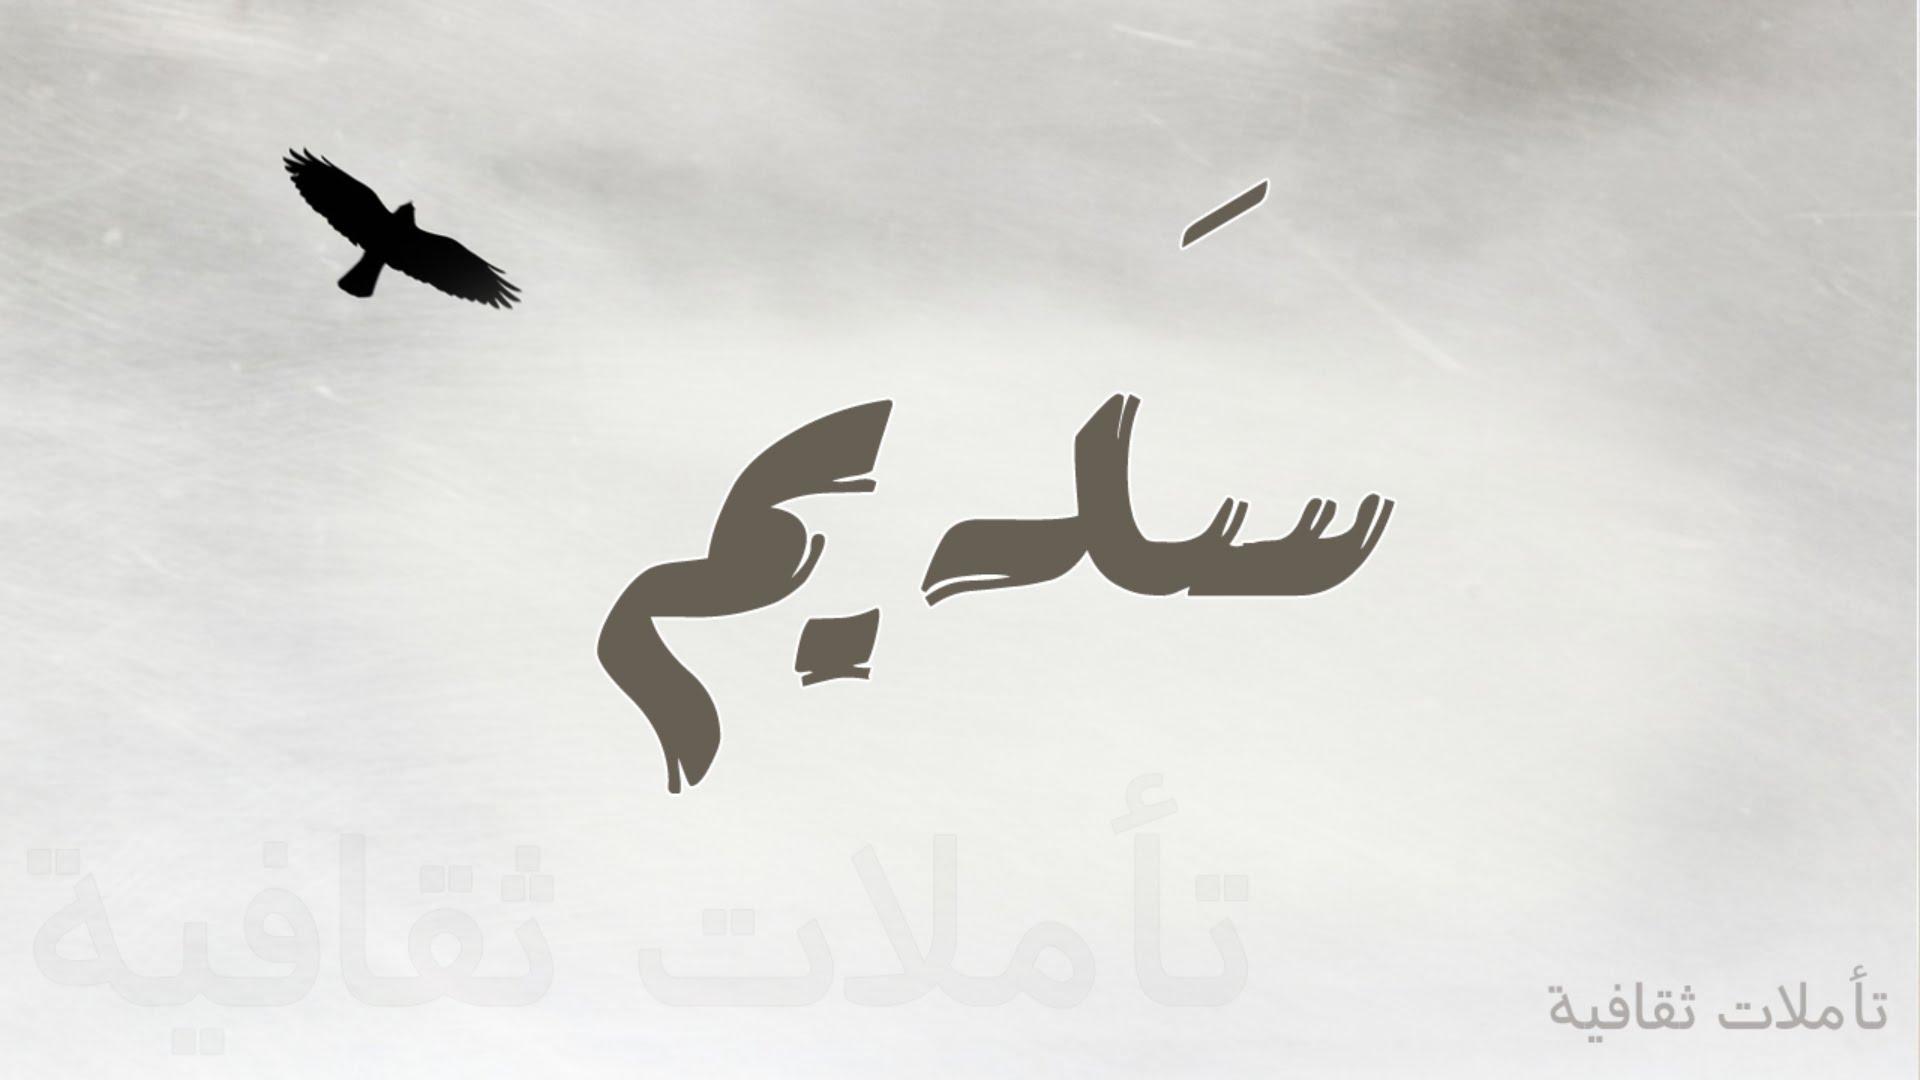 صوره معنى اسم سديم , معنى اسم سديم حسب علم النفس